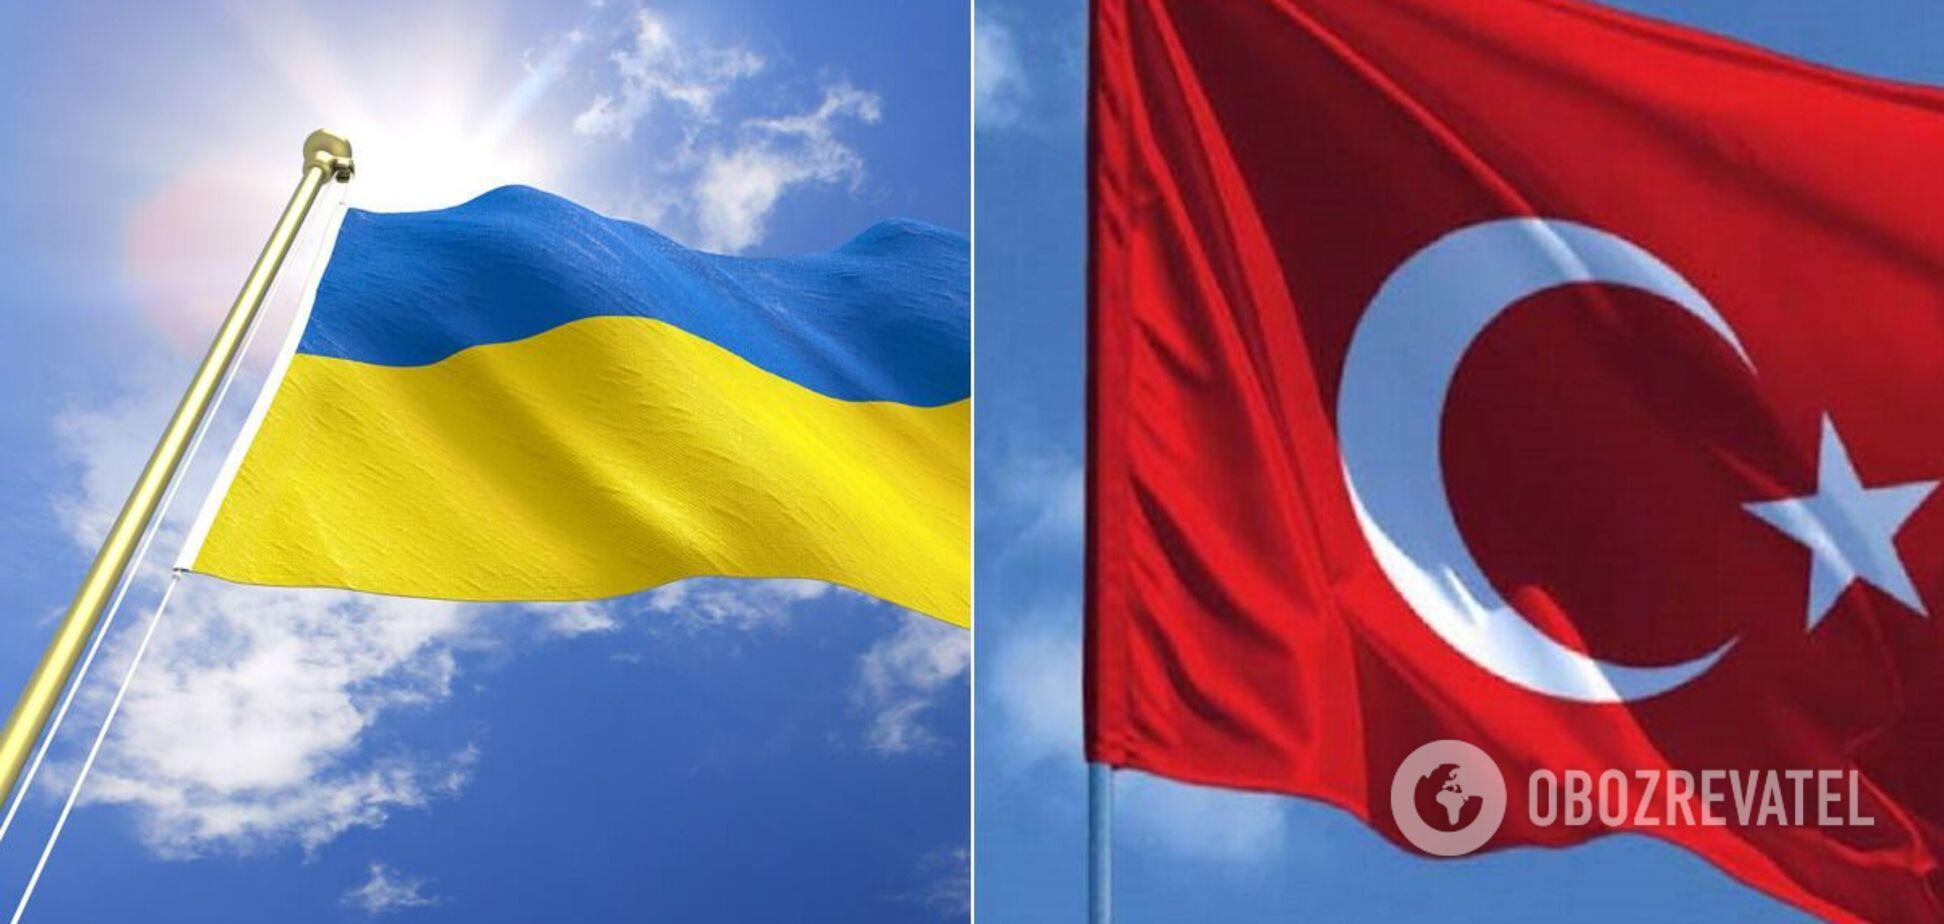 Угода 'Про зону вільної торгівлі з Туреччиною': що чекає легпром